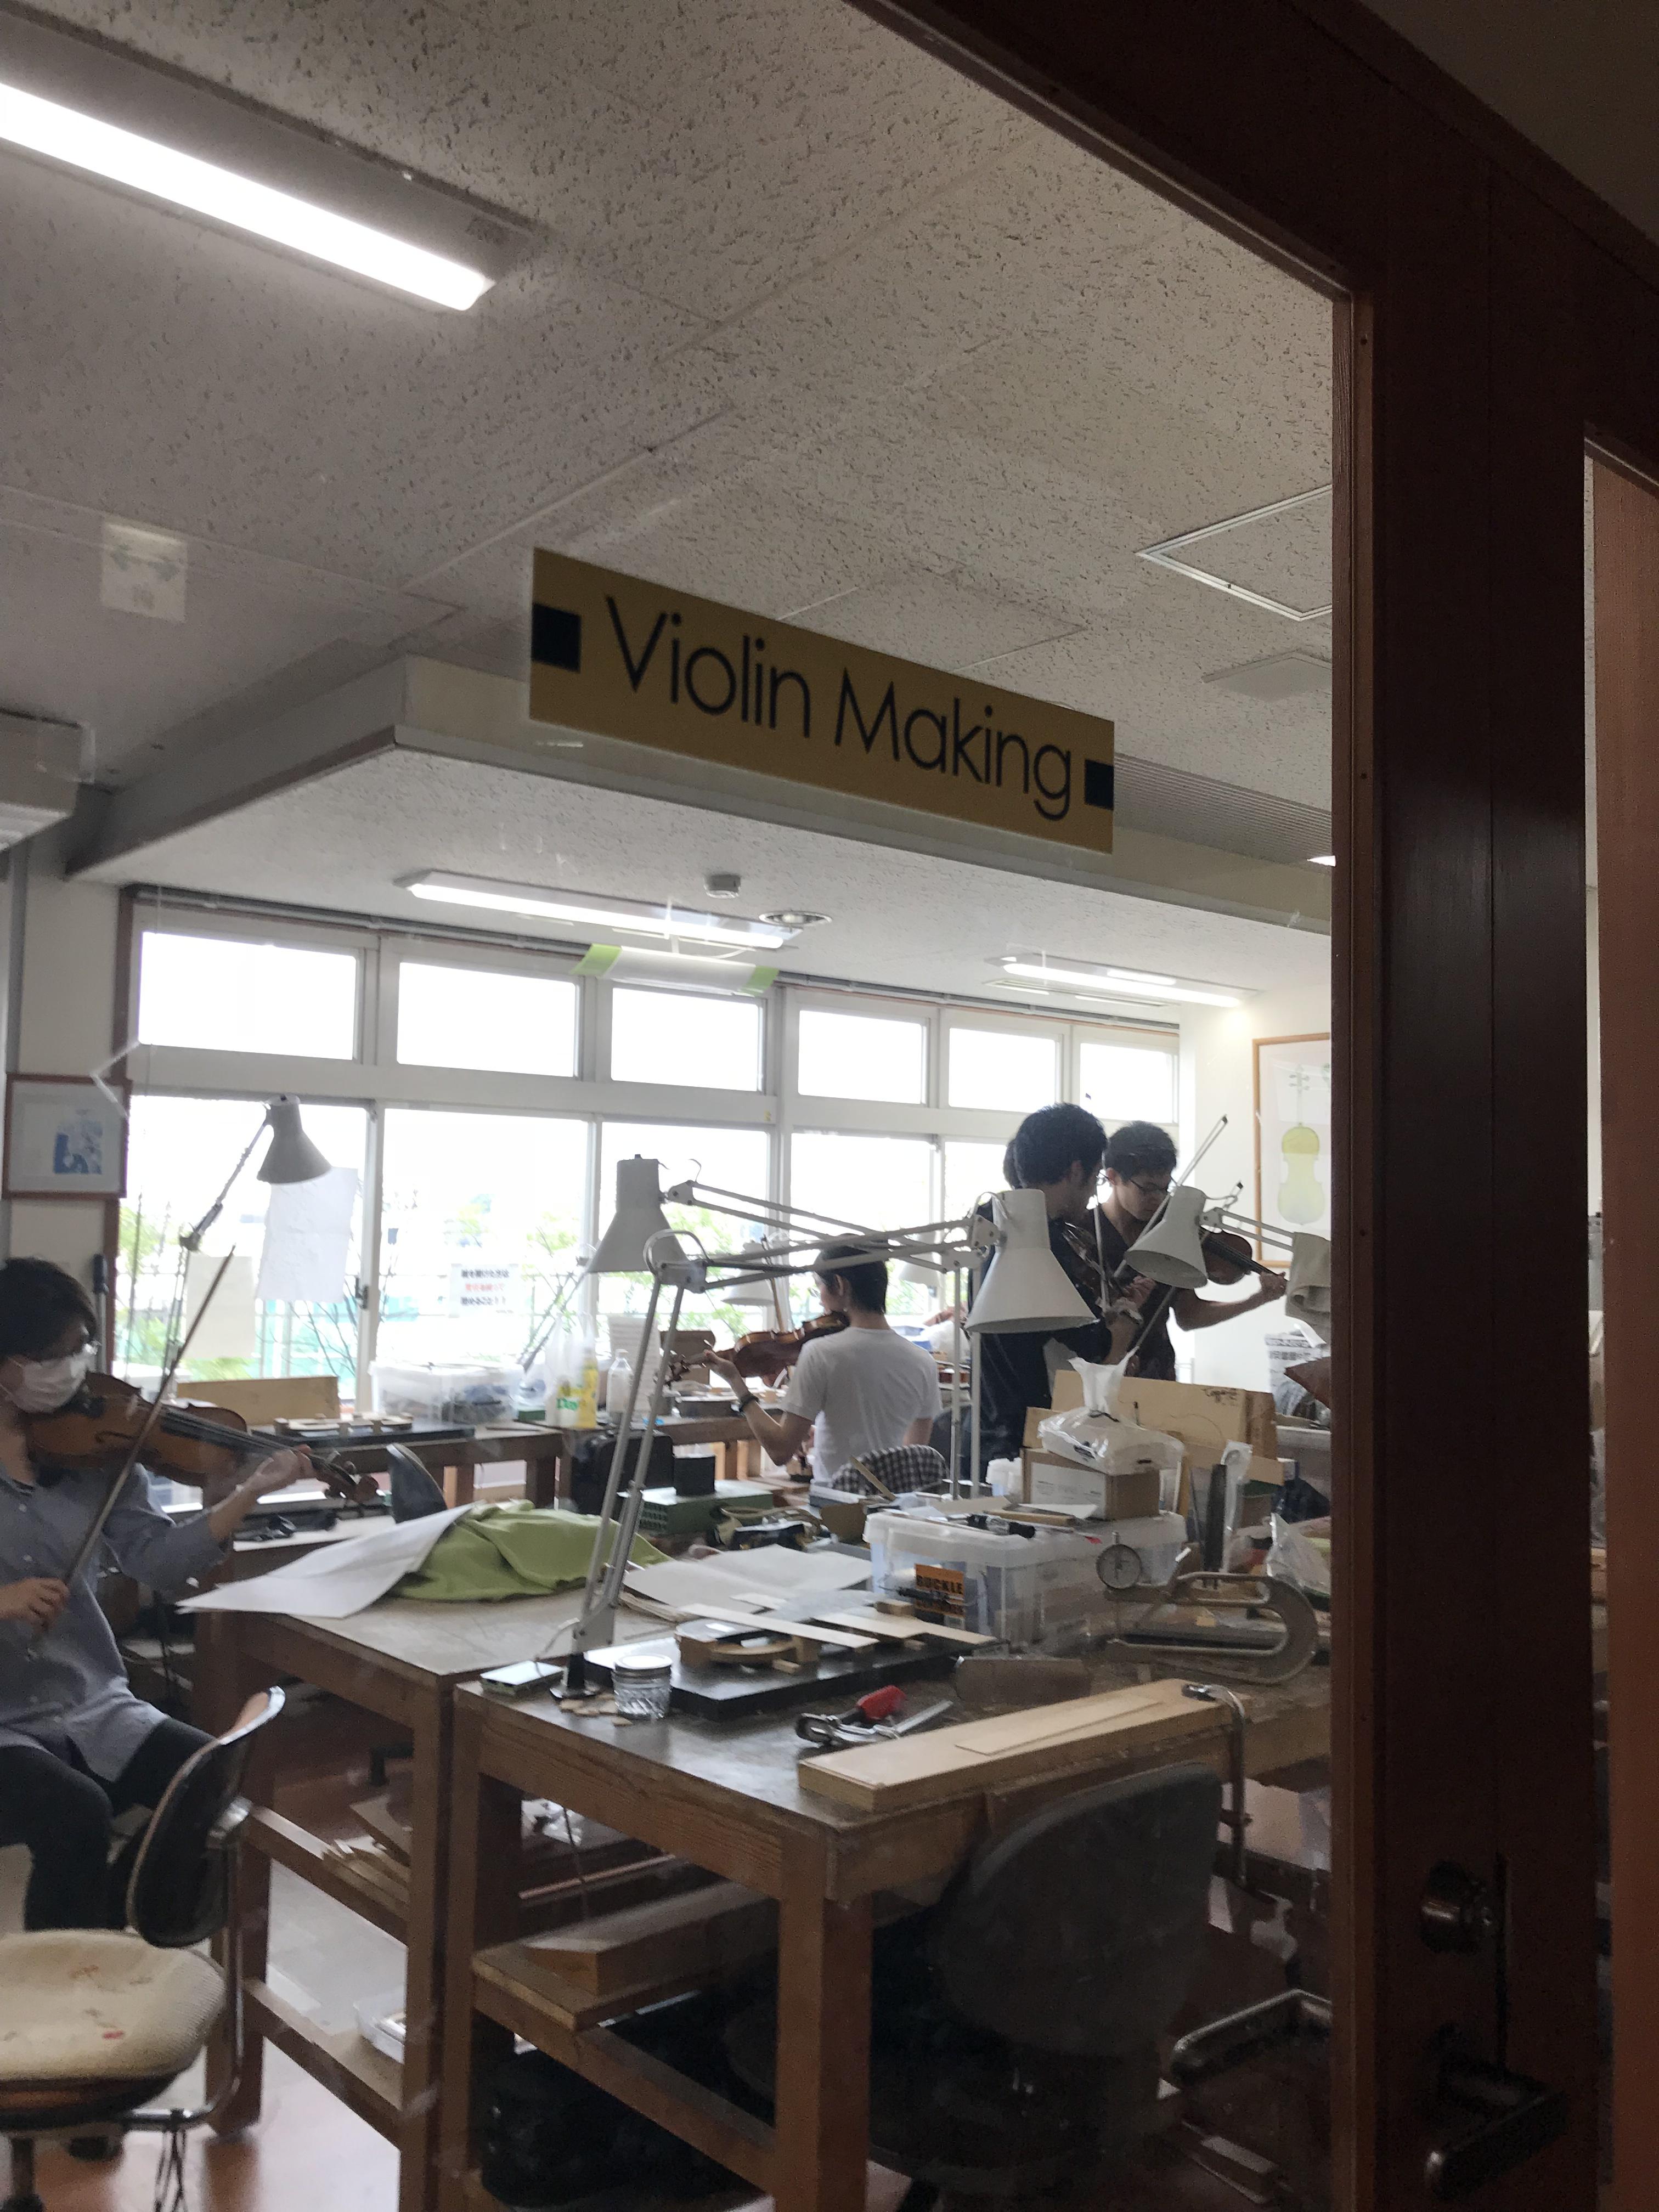 ヴァイオリン演奏で息抜きをする学生達。